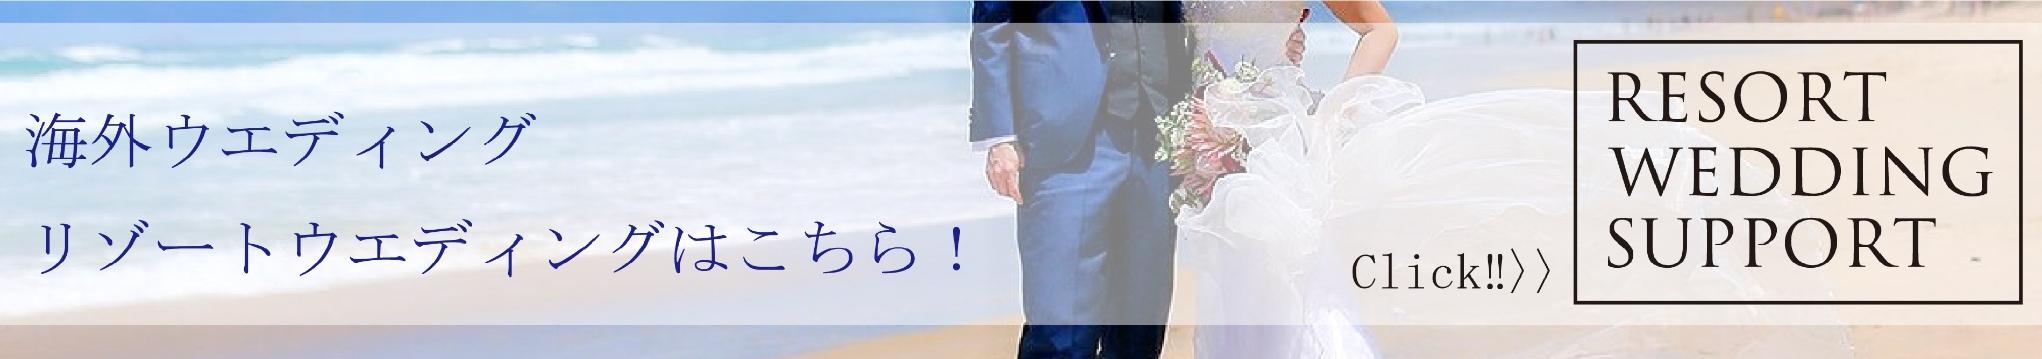 海外WEDDINGリンク